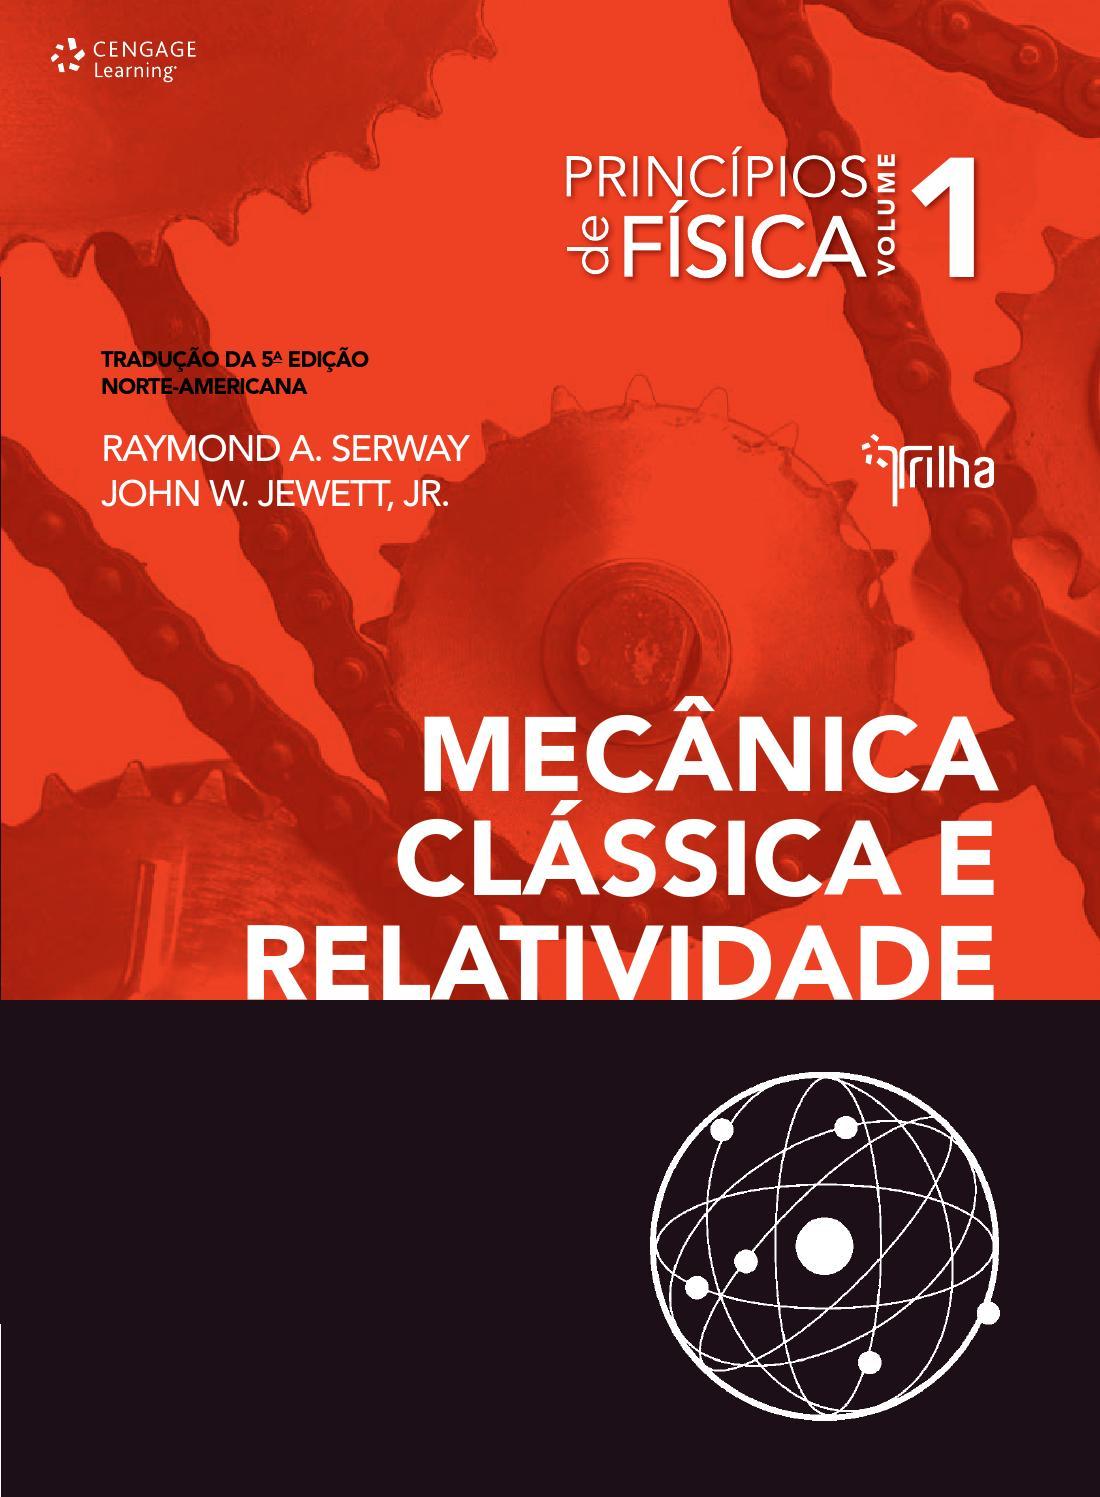 Princpios de fsica volume 1 mecnica clssica e relatividade by princpios de fsica volume 1 mecnica clssica e relatividade by cengage brasil issuu fandeluxe Choice Image